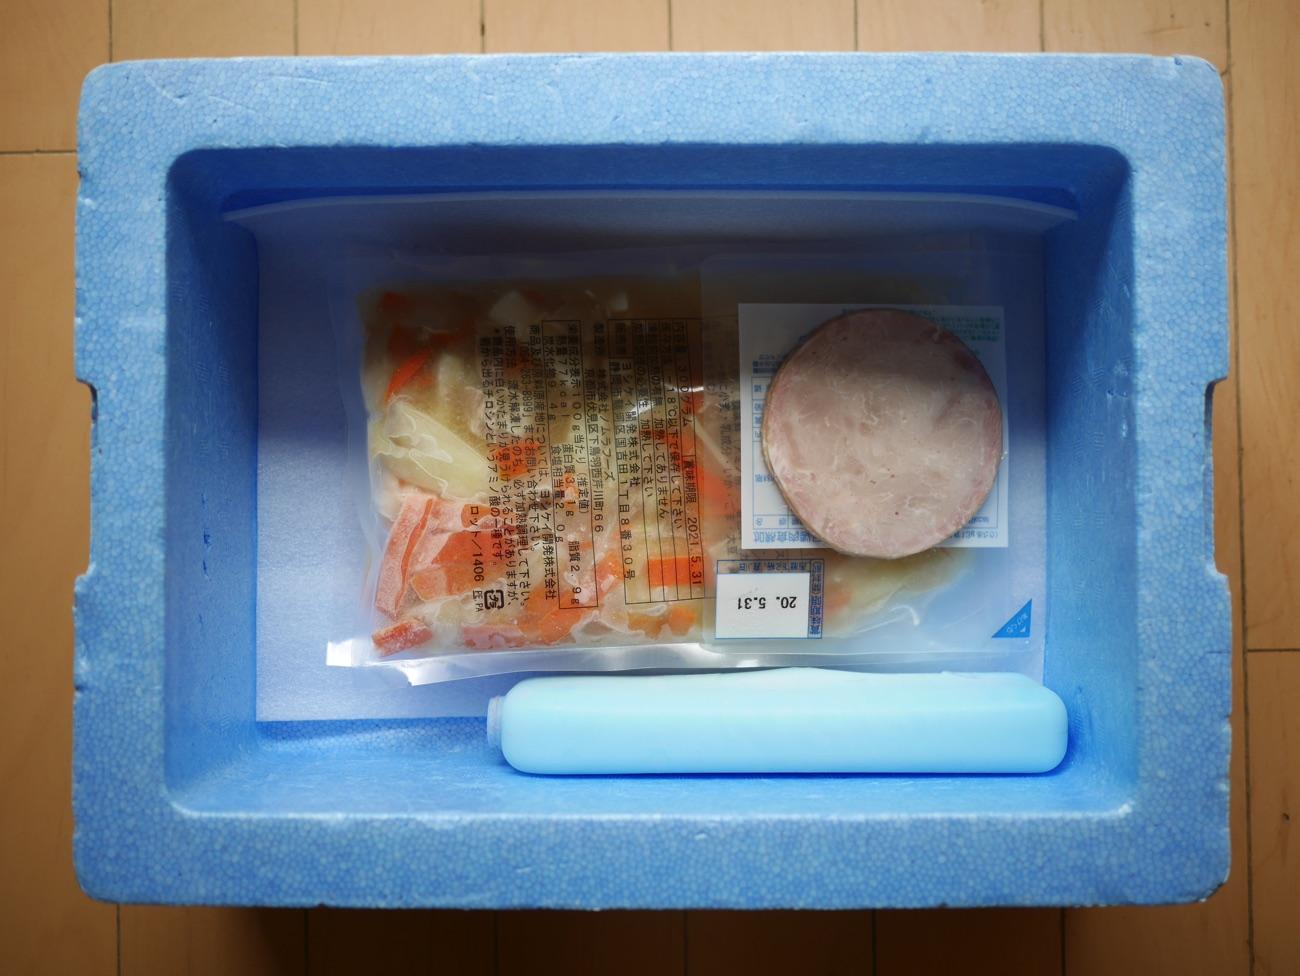 ヨシケイの「クールBOX」